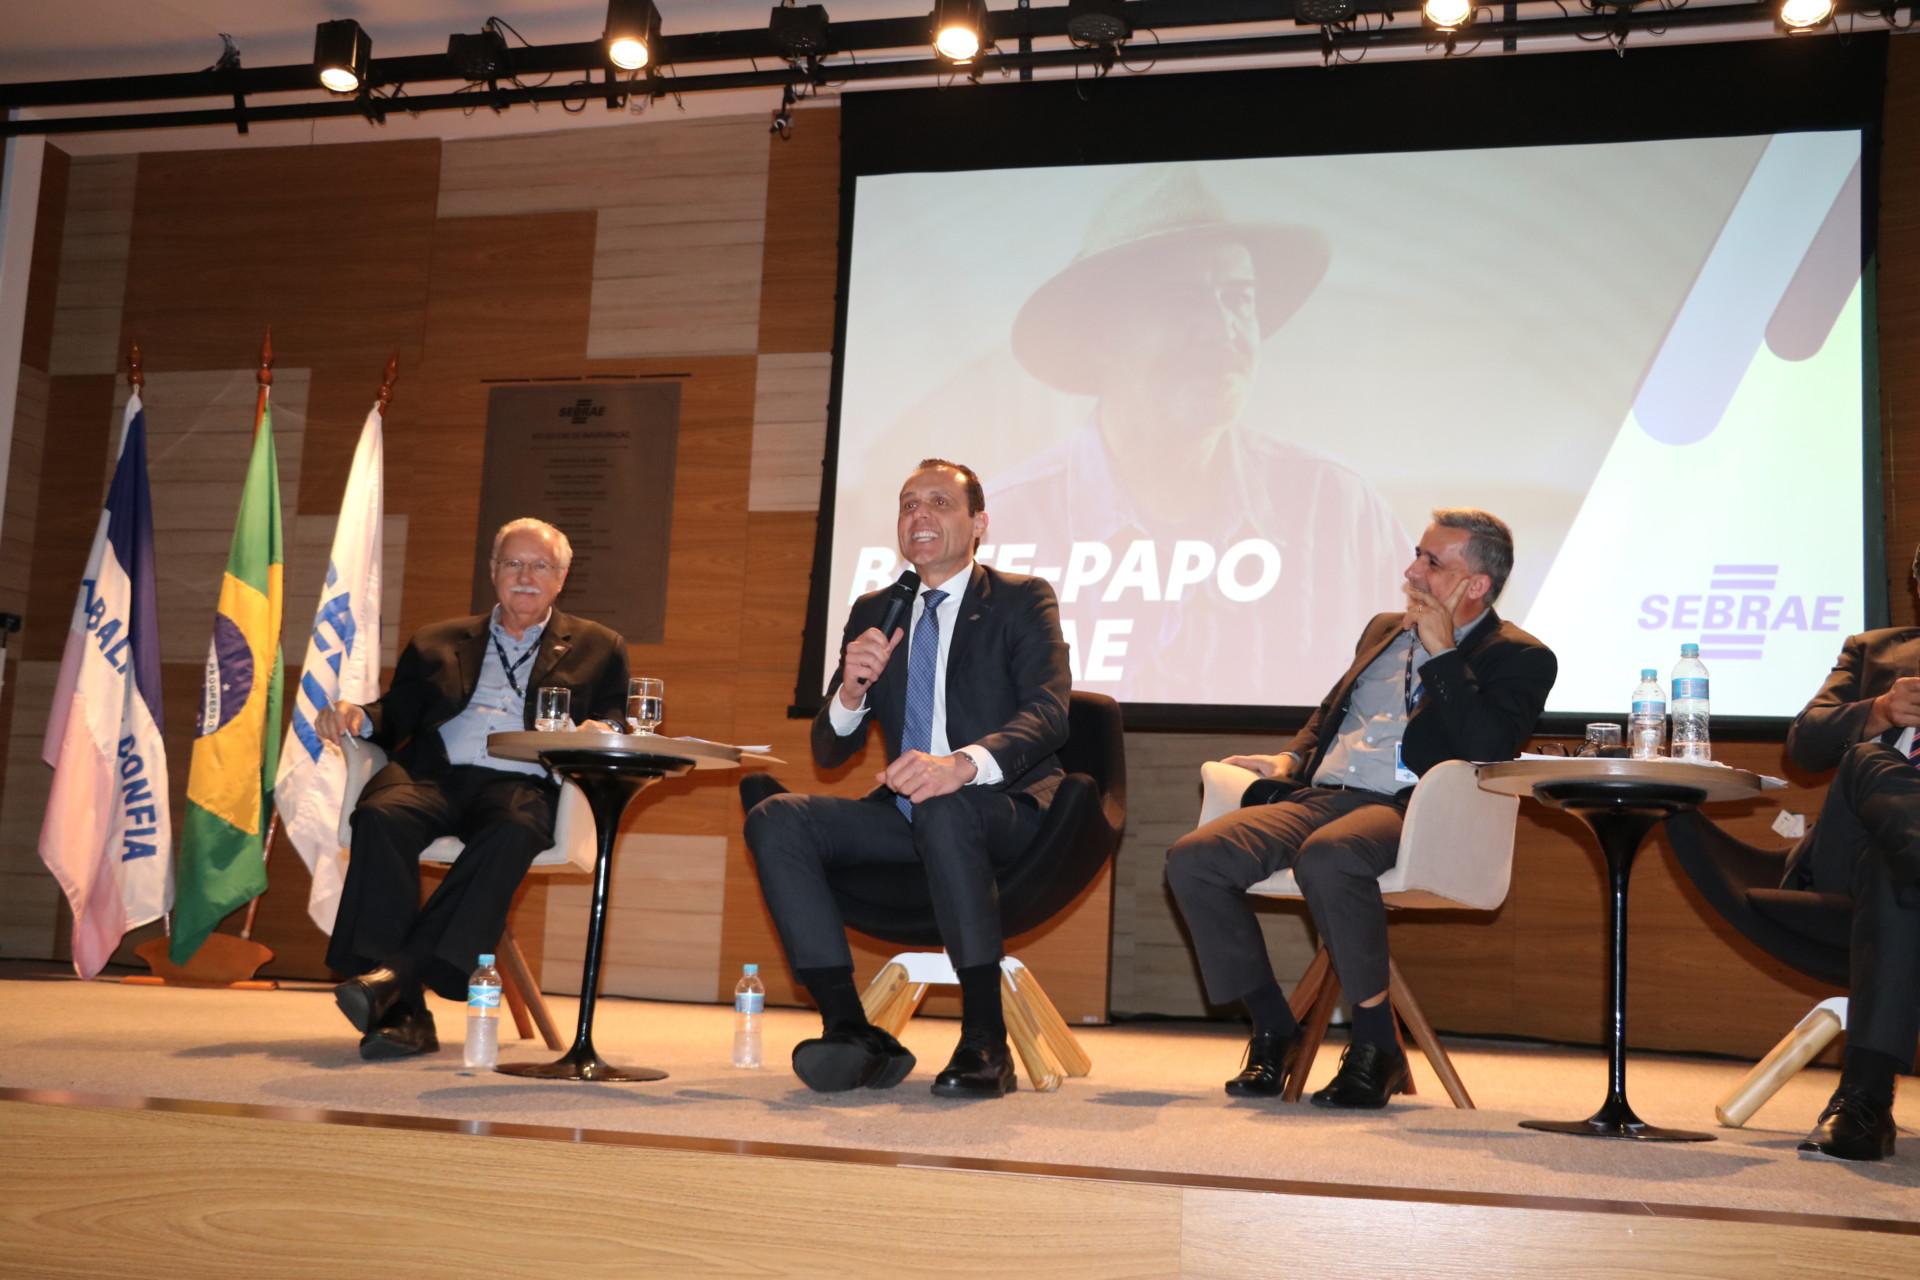 Conversa do Diretor Eduardo Diogo com a equipe do Sebrae/ES